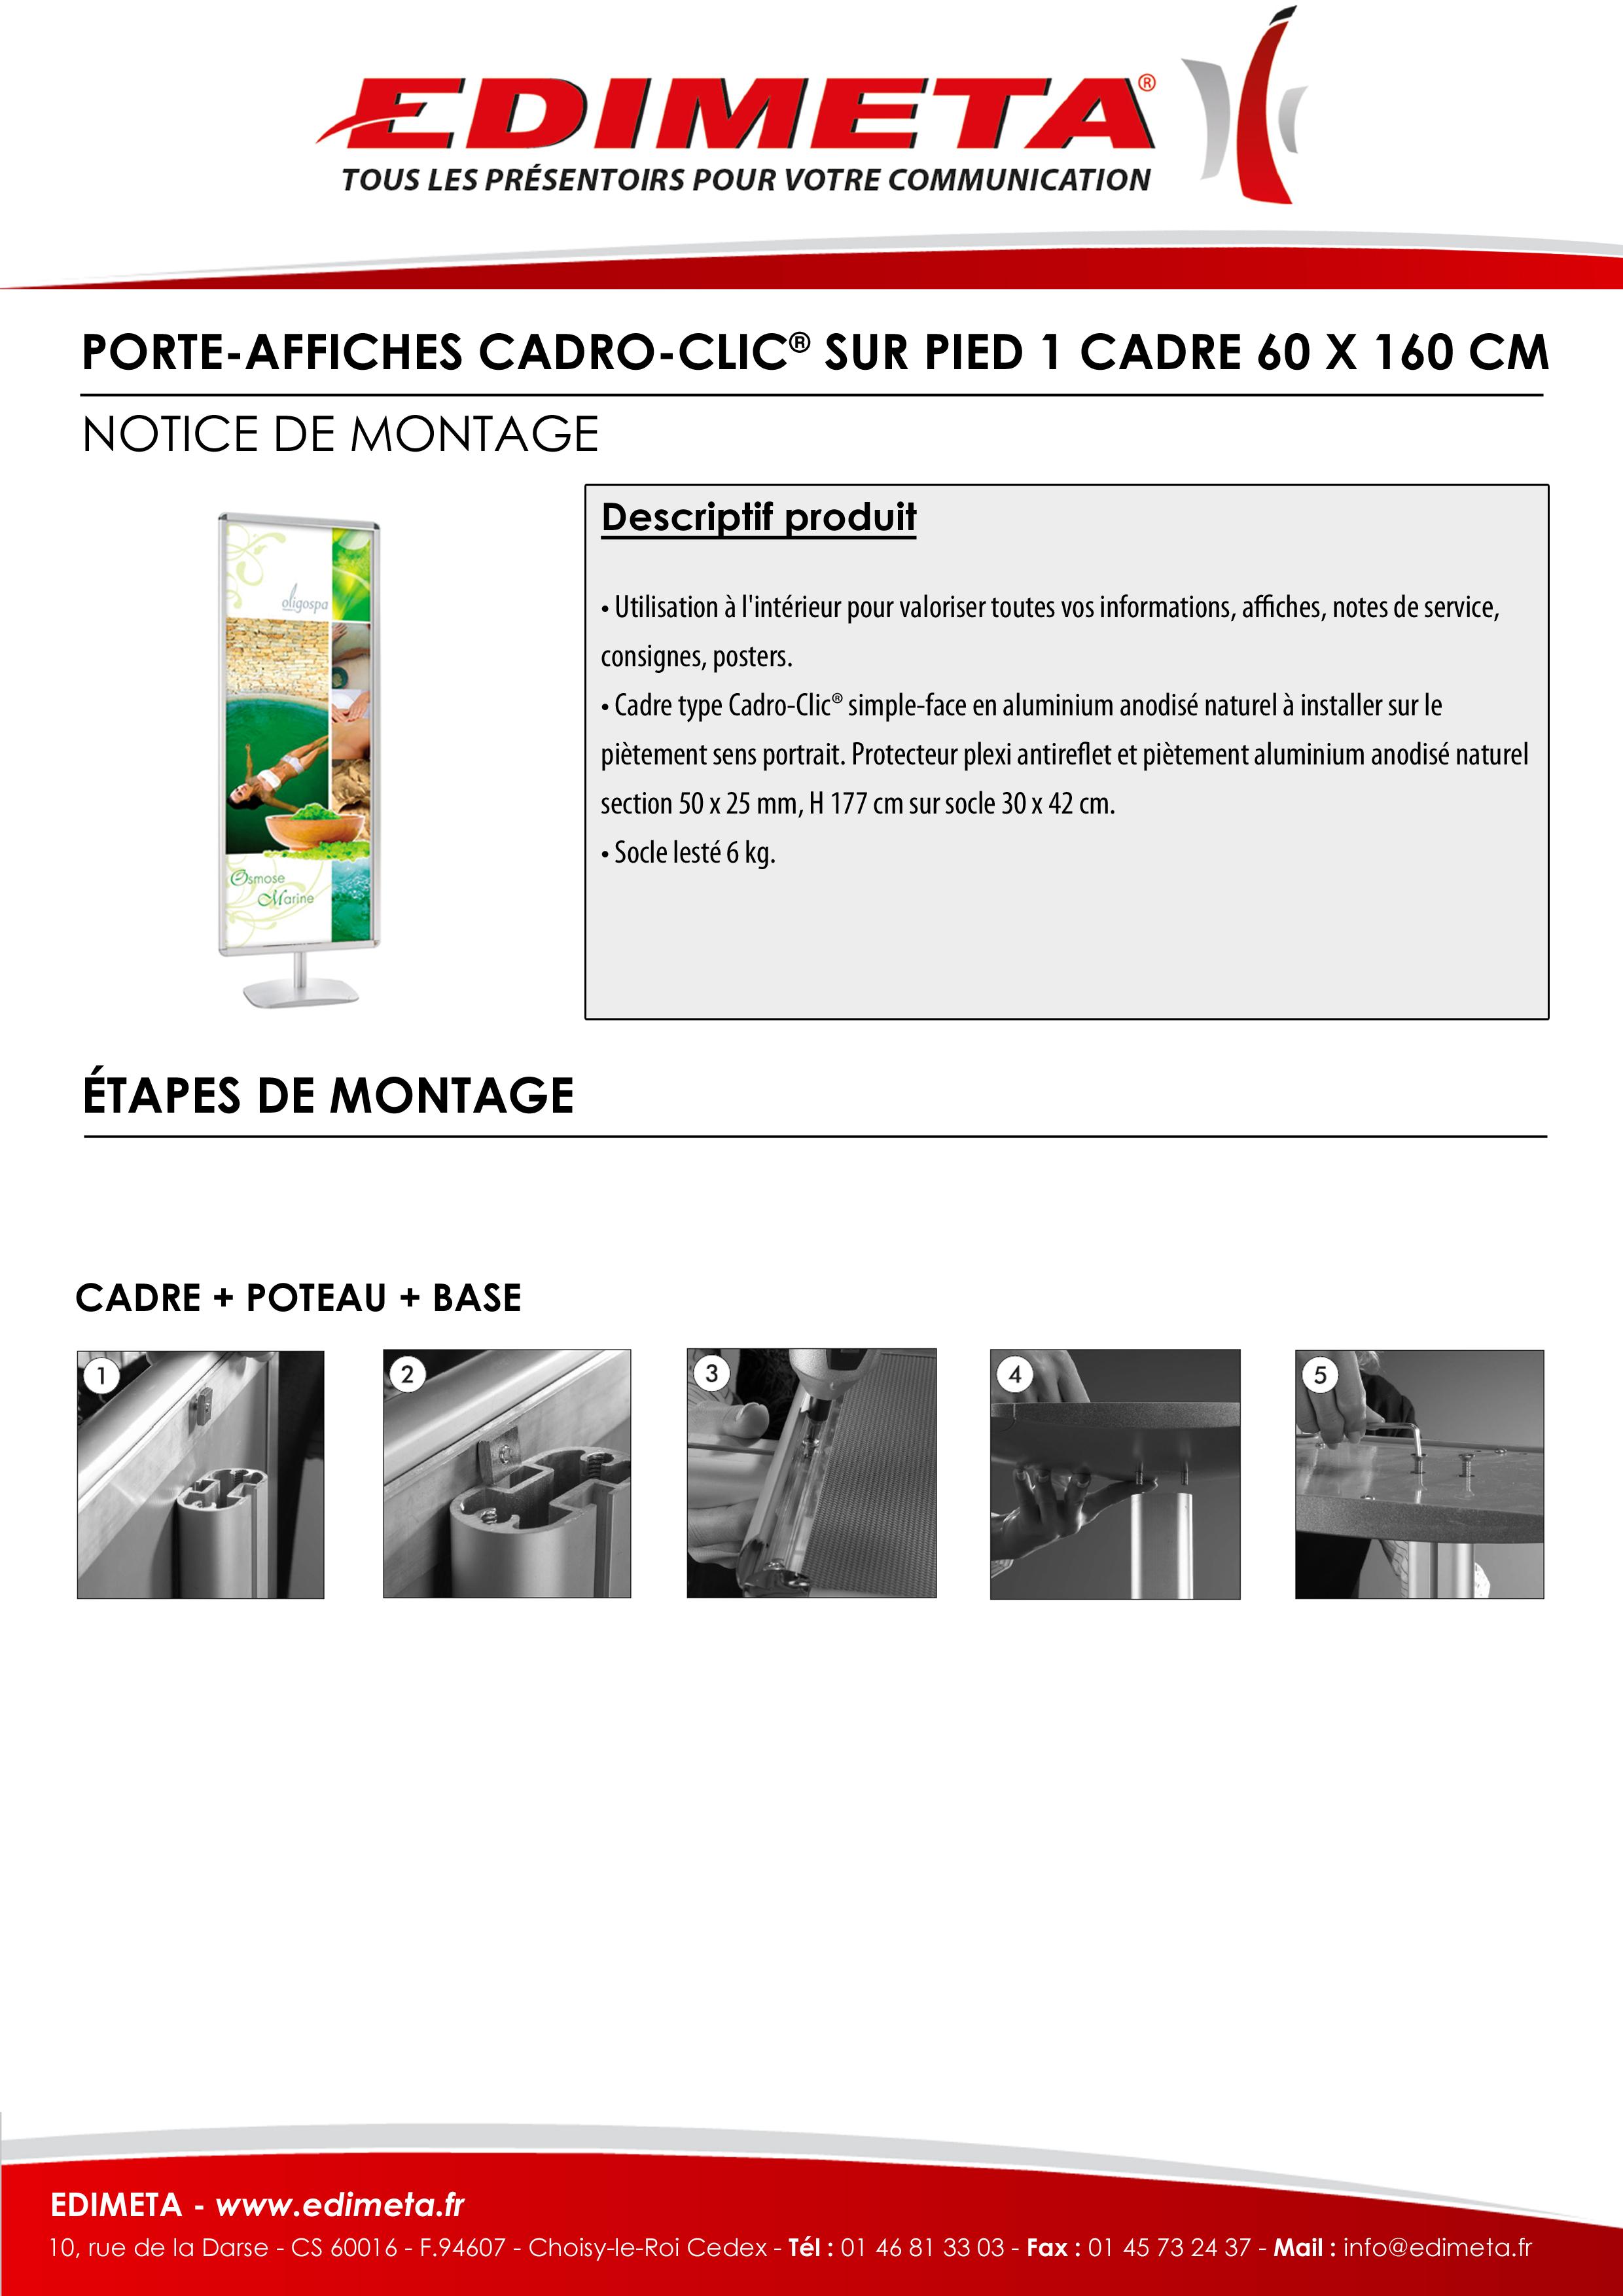 NOTICE DE MONTAGE : PORTE-AFFICHES CADRO-CLIC® SUR PIED 1 CADRE 60 X 160 CM